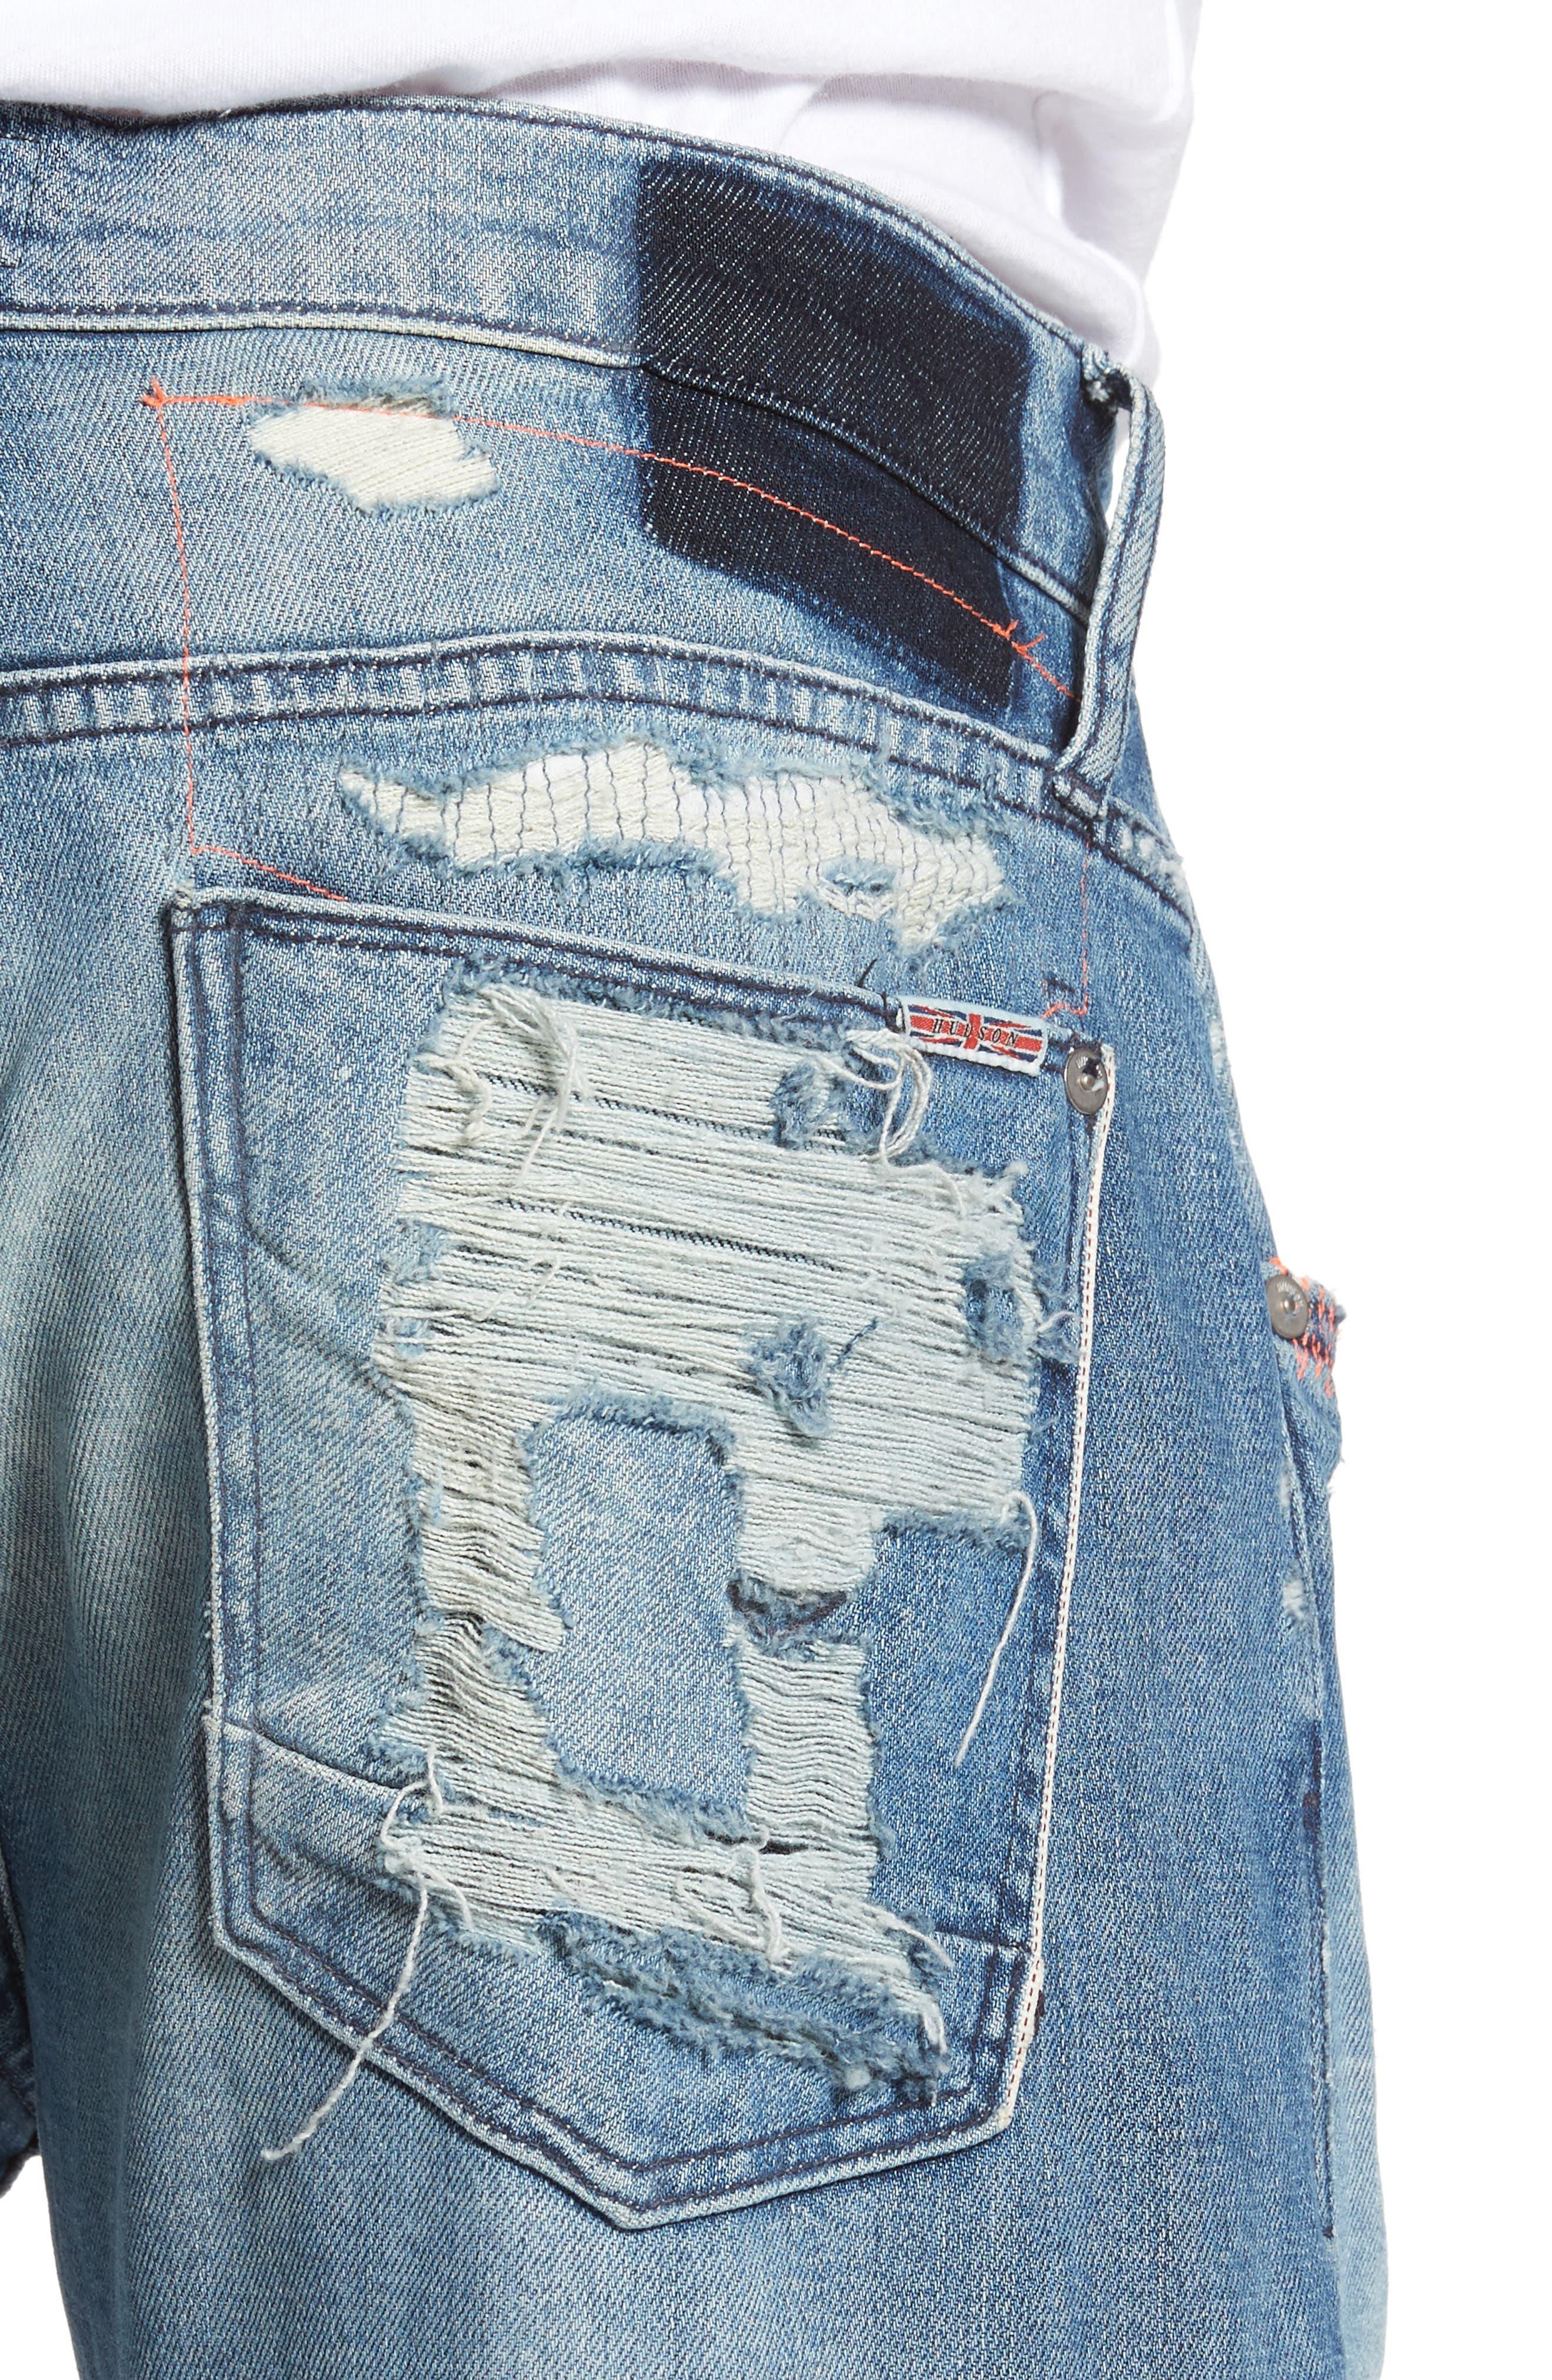 Blake Slim Fit Jeans,                             Alternate thumbnail 4, color,                             Public Enemy